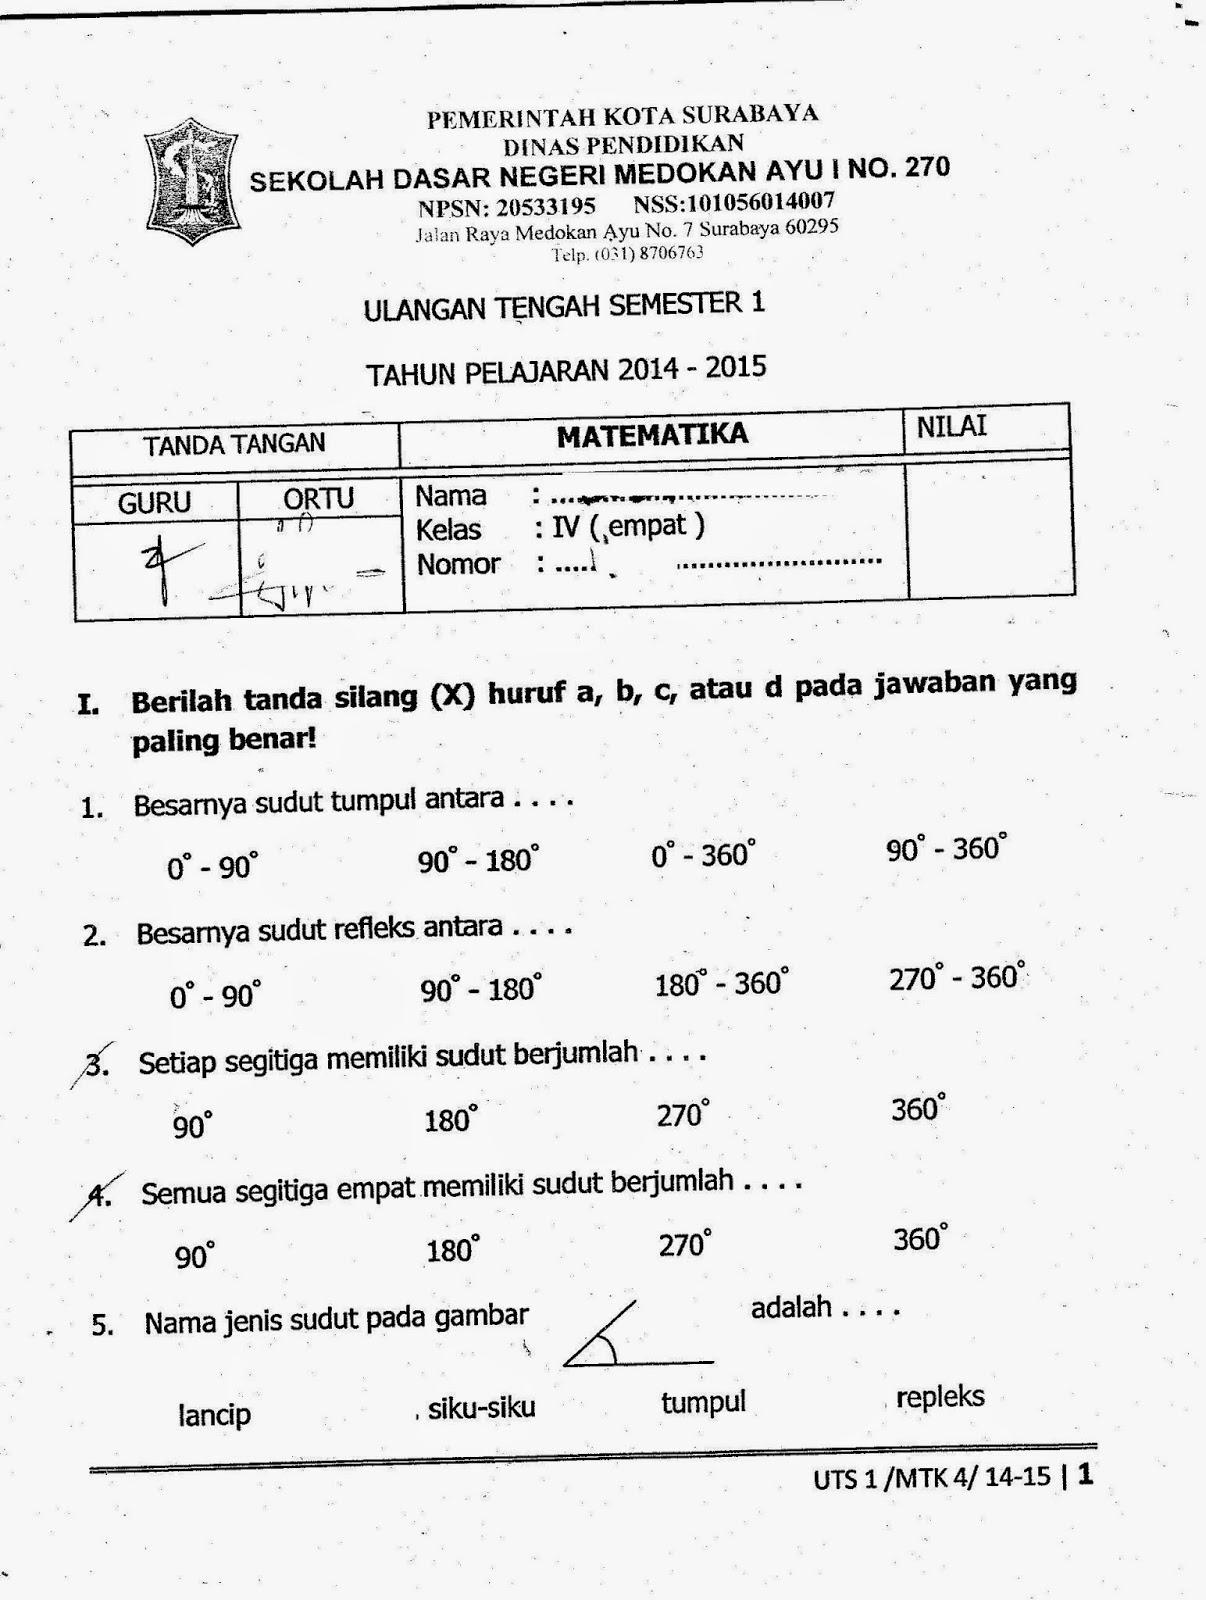 Soal 8 Agama Kelas Ganjil Ujian Semester Islam Soal 2013 Kurikulum Pkn 2013 Kelas 4 Kurikulum Sd